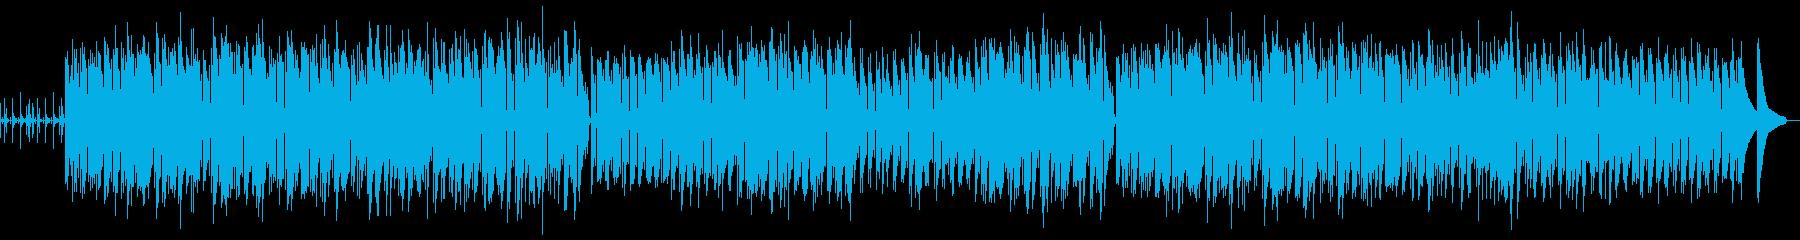 奇術師に合うBGMの再生済みの波形